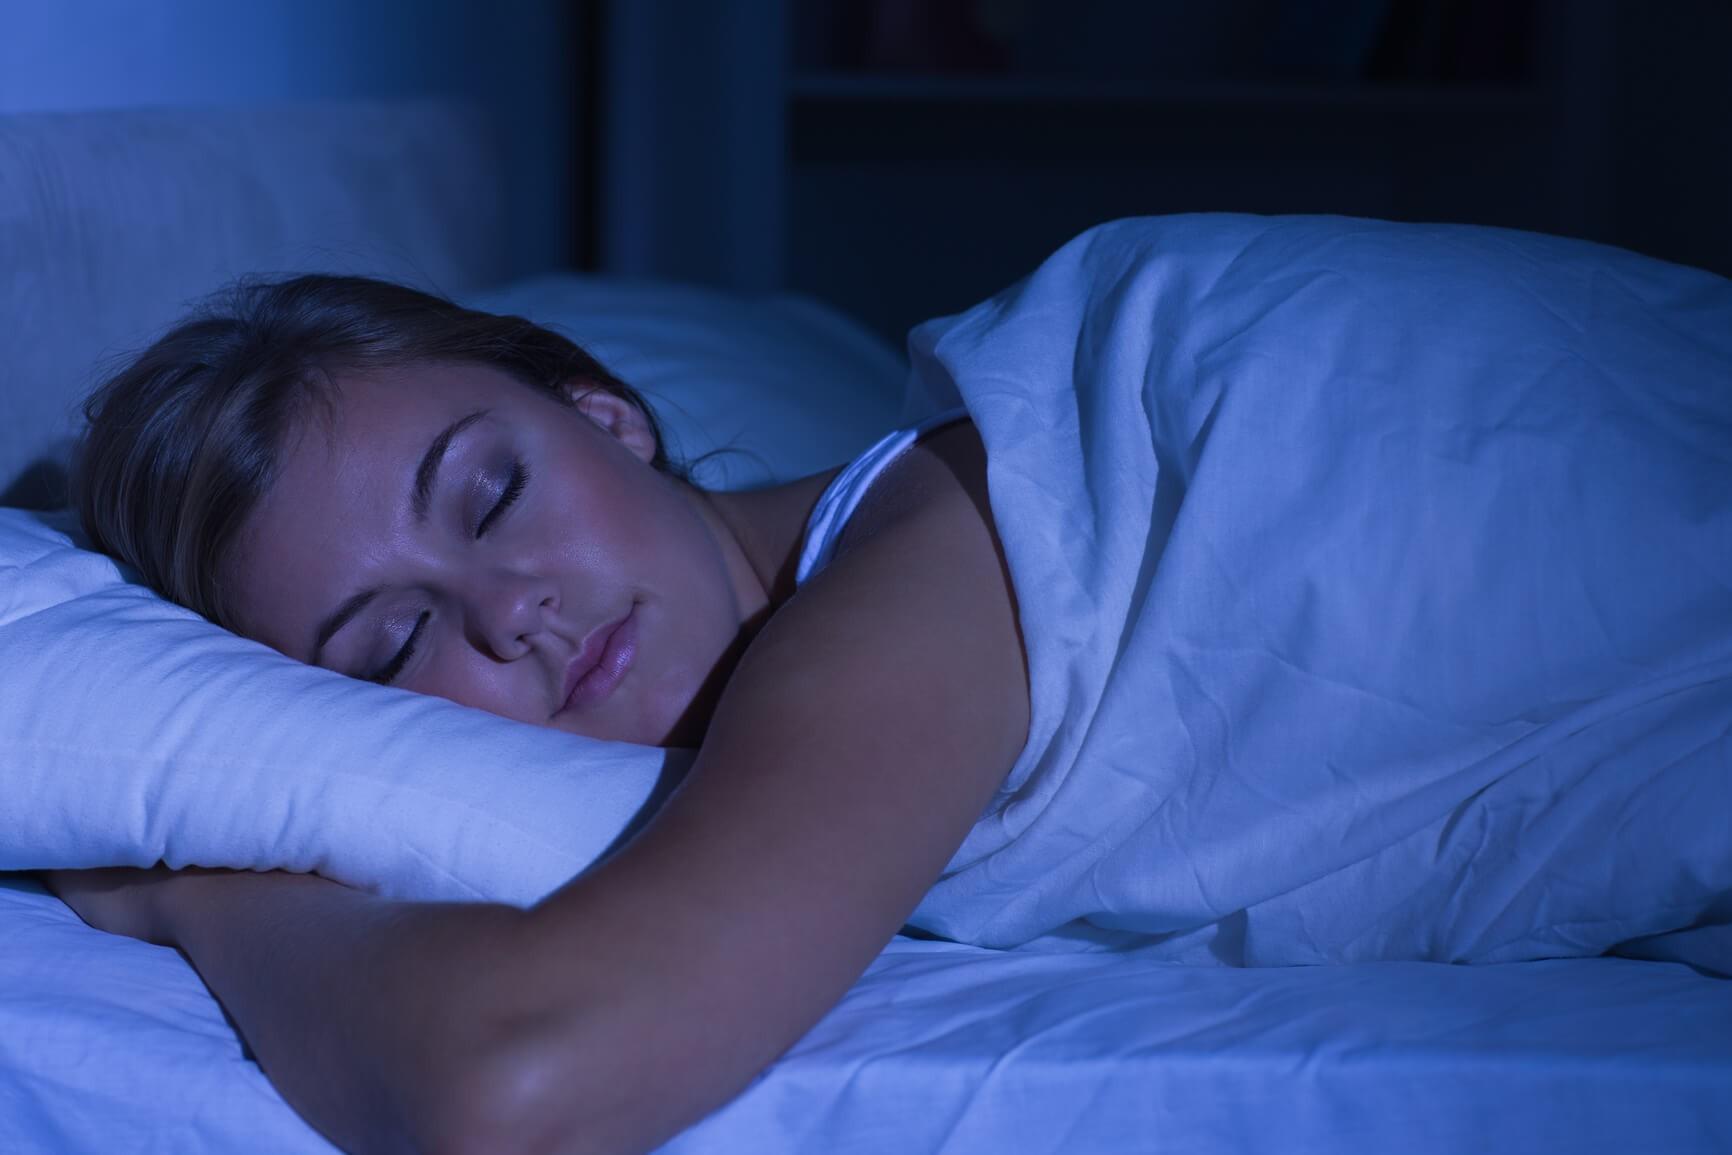 Съёмка спящих жён 4 фотография